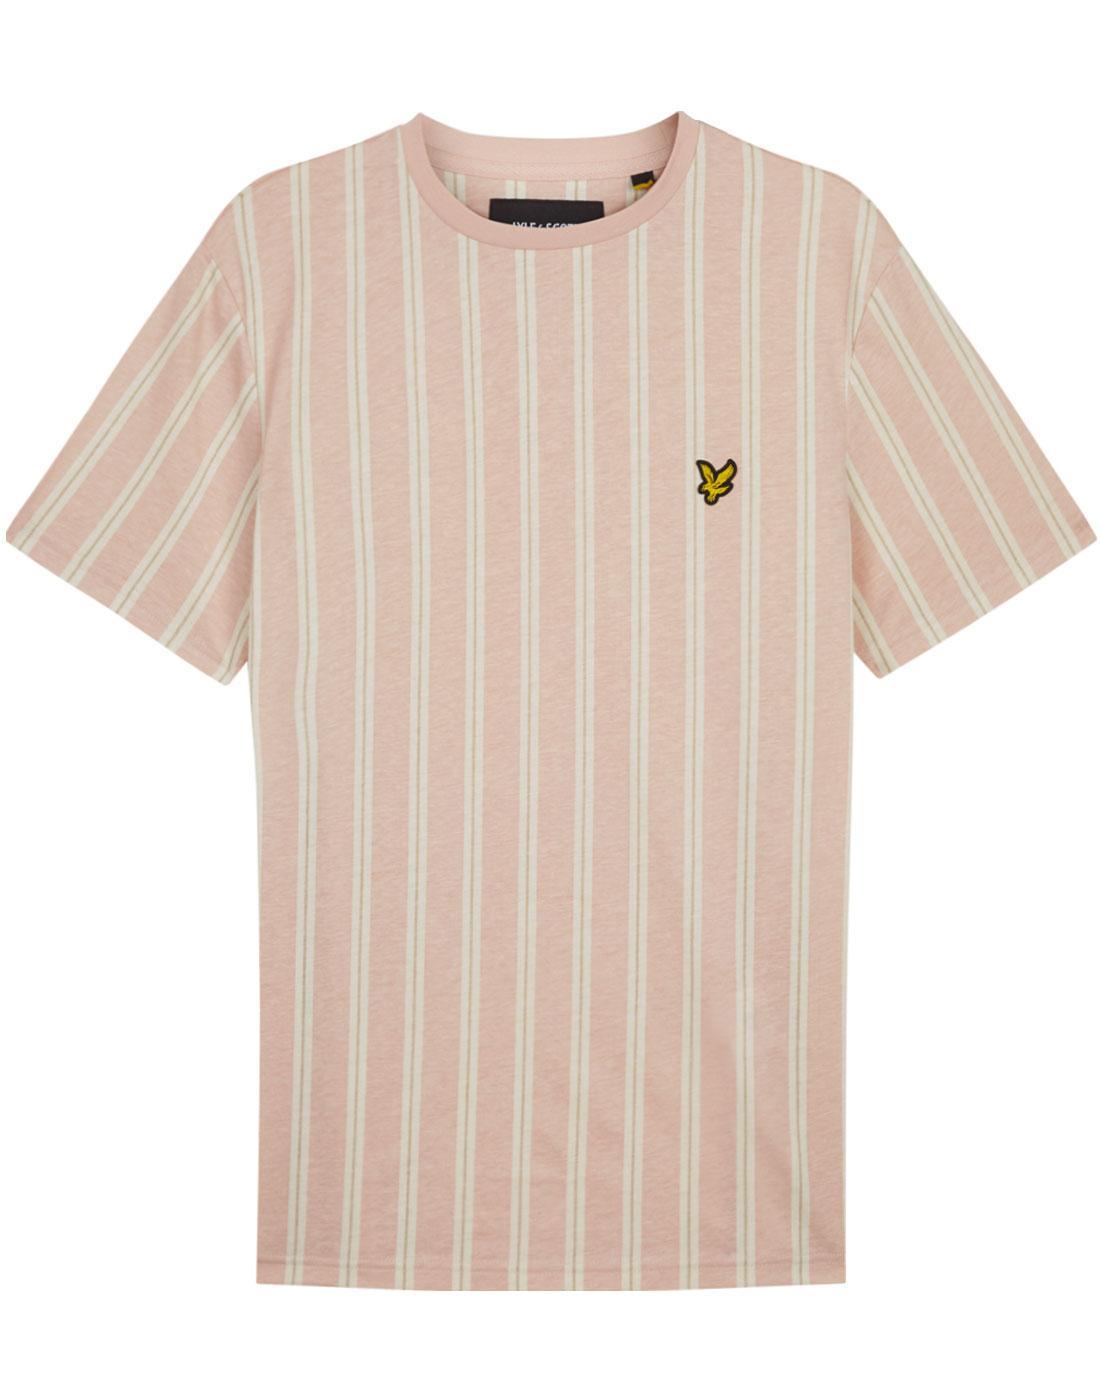 55027a7f LYLE & SCOTT Men's 1960s Mod Deckchair Stripe T-Shirt (DP)